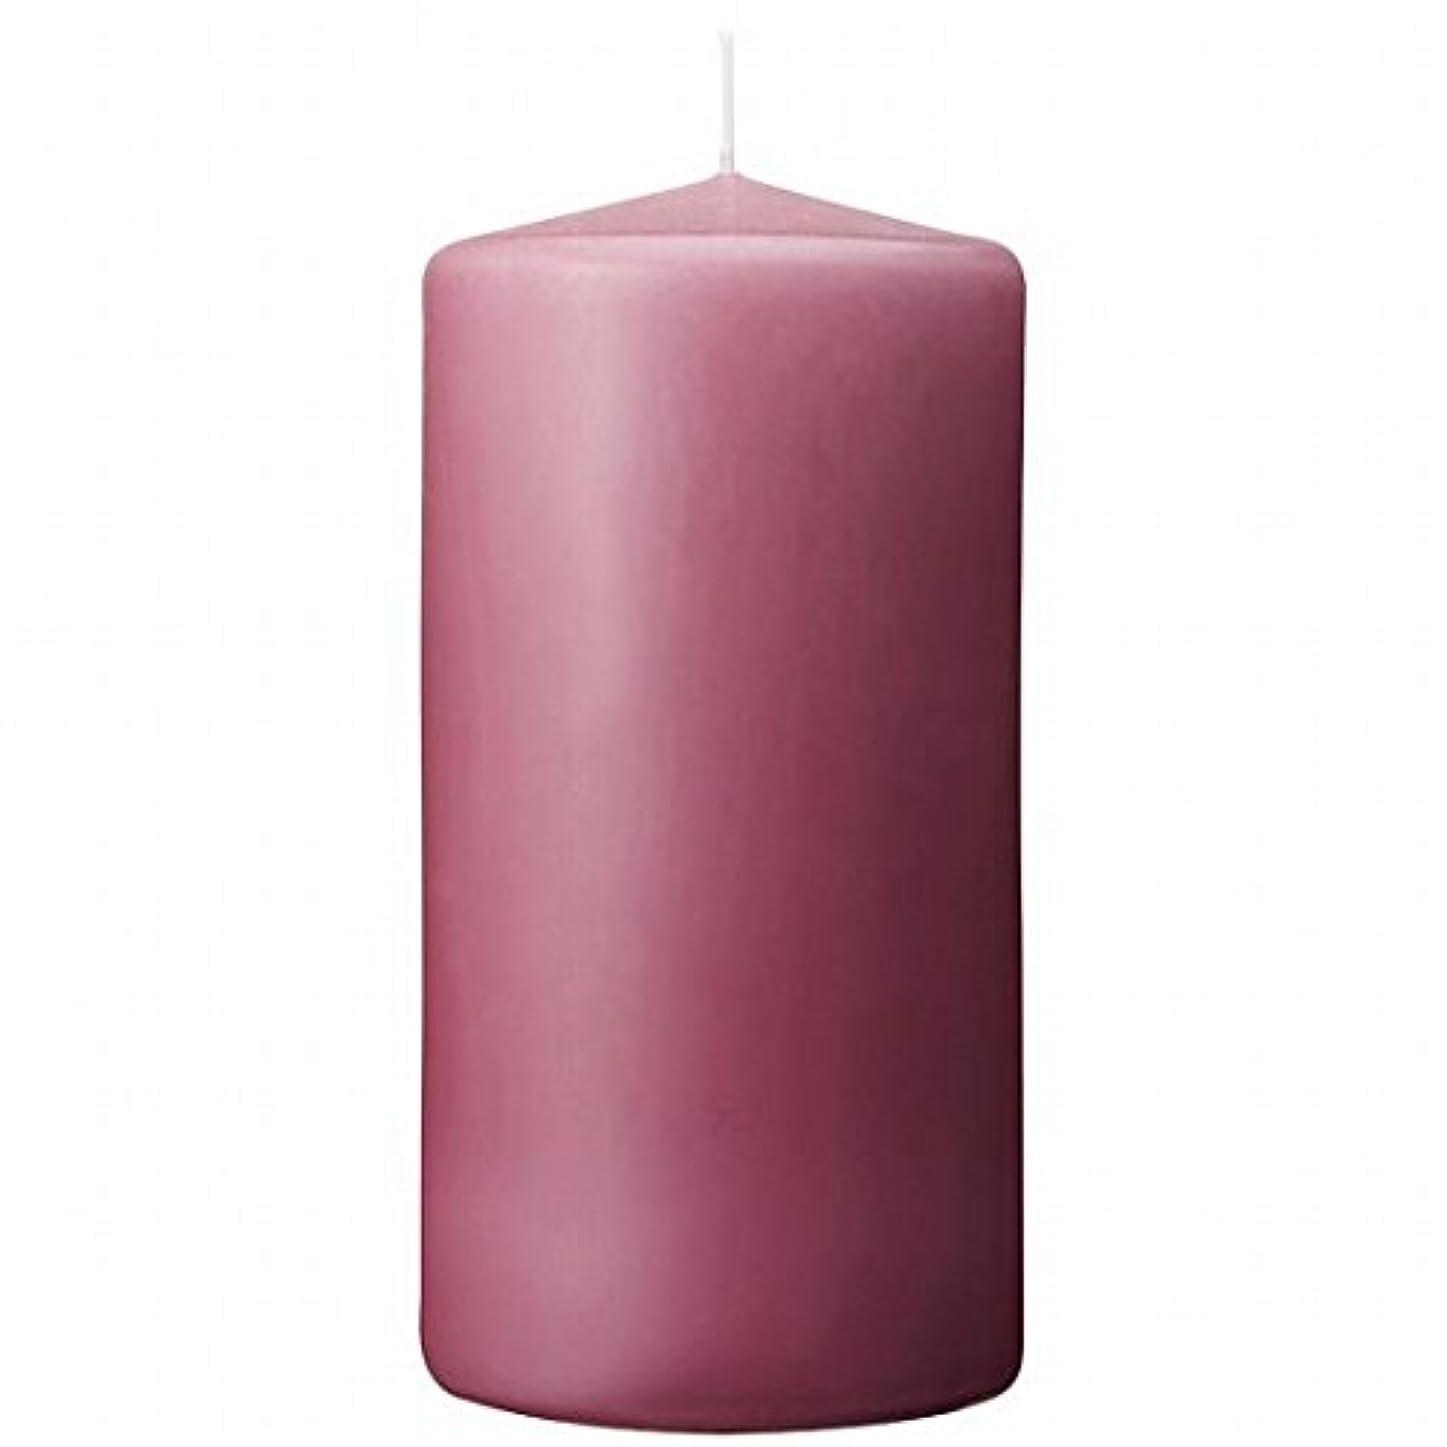 もちろん国勢調査やさしいカメヤマキャンドル(kameyama candle) 3×6ベルトップピラーキャンドル 「 ラベンダークリーム 」